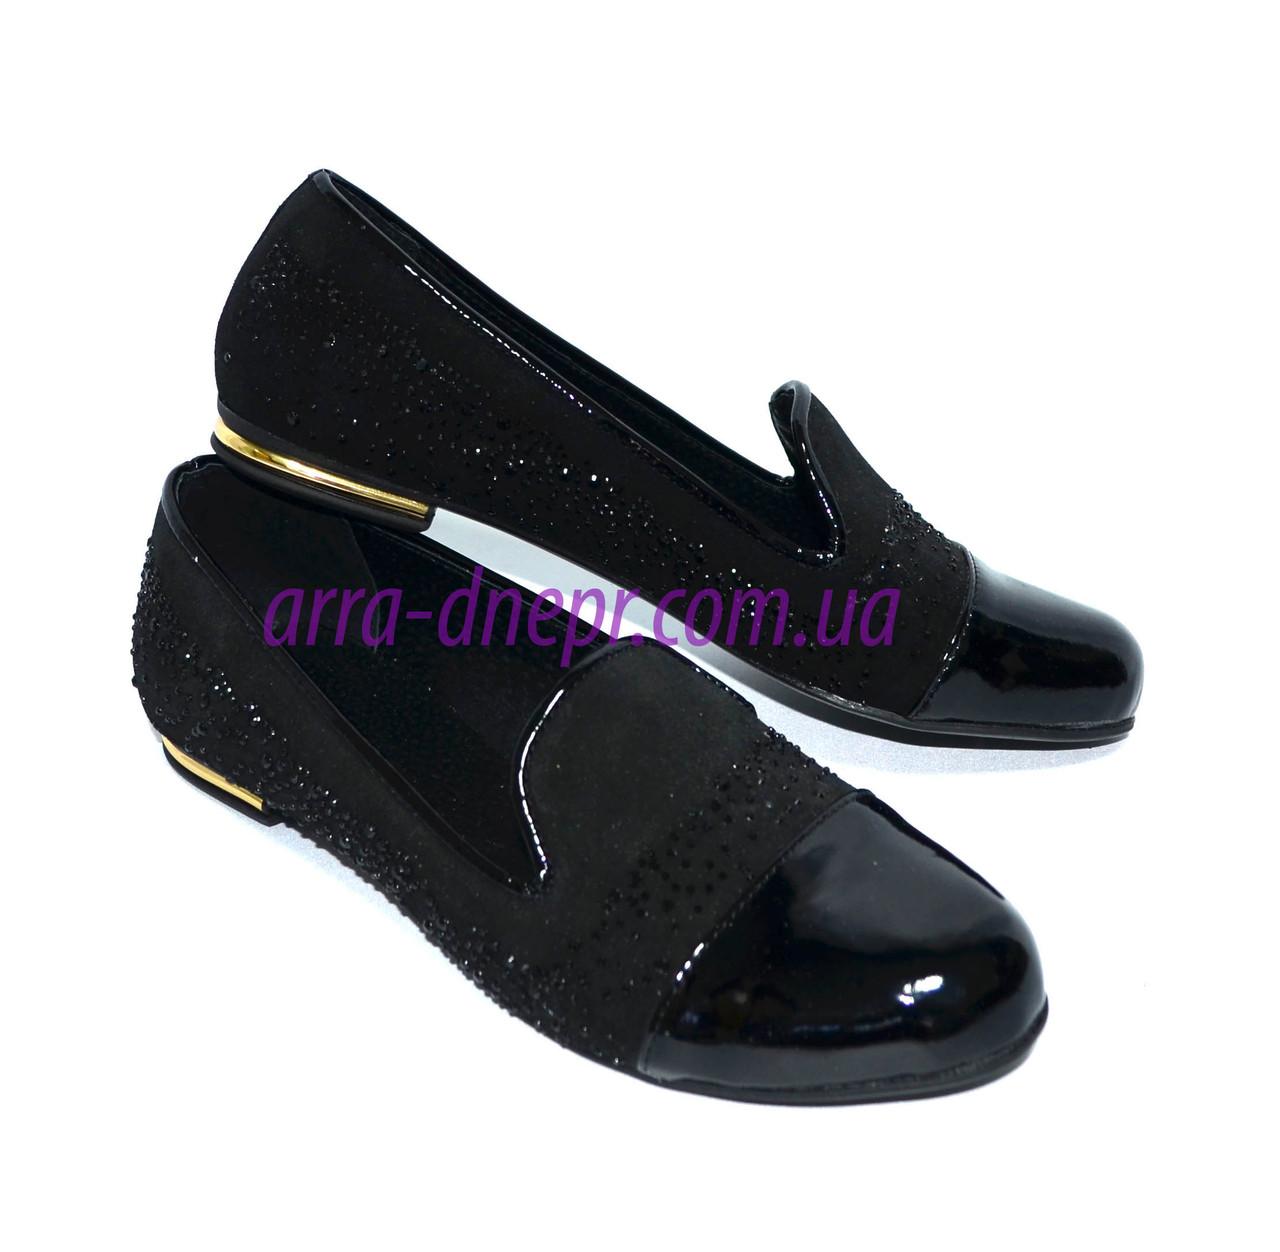 Женские туфли-балетки из натуральной замши и лаковой кожи, декорированы стразами.